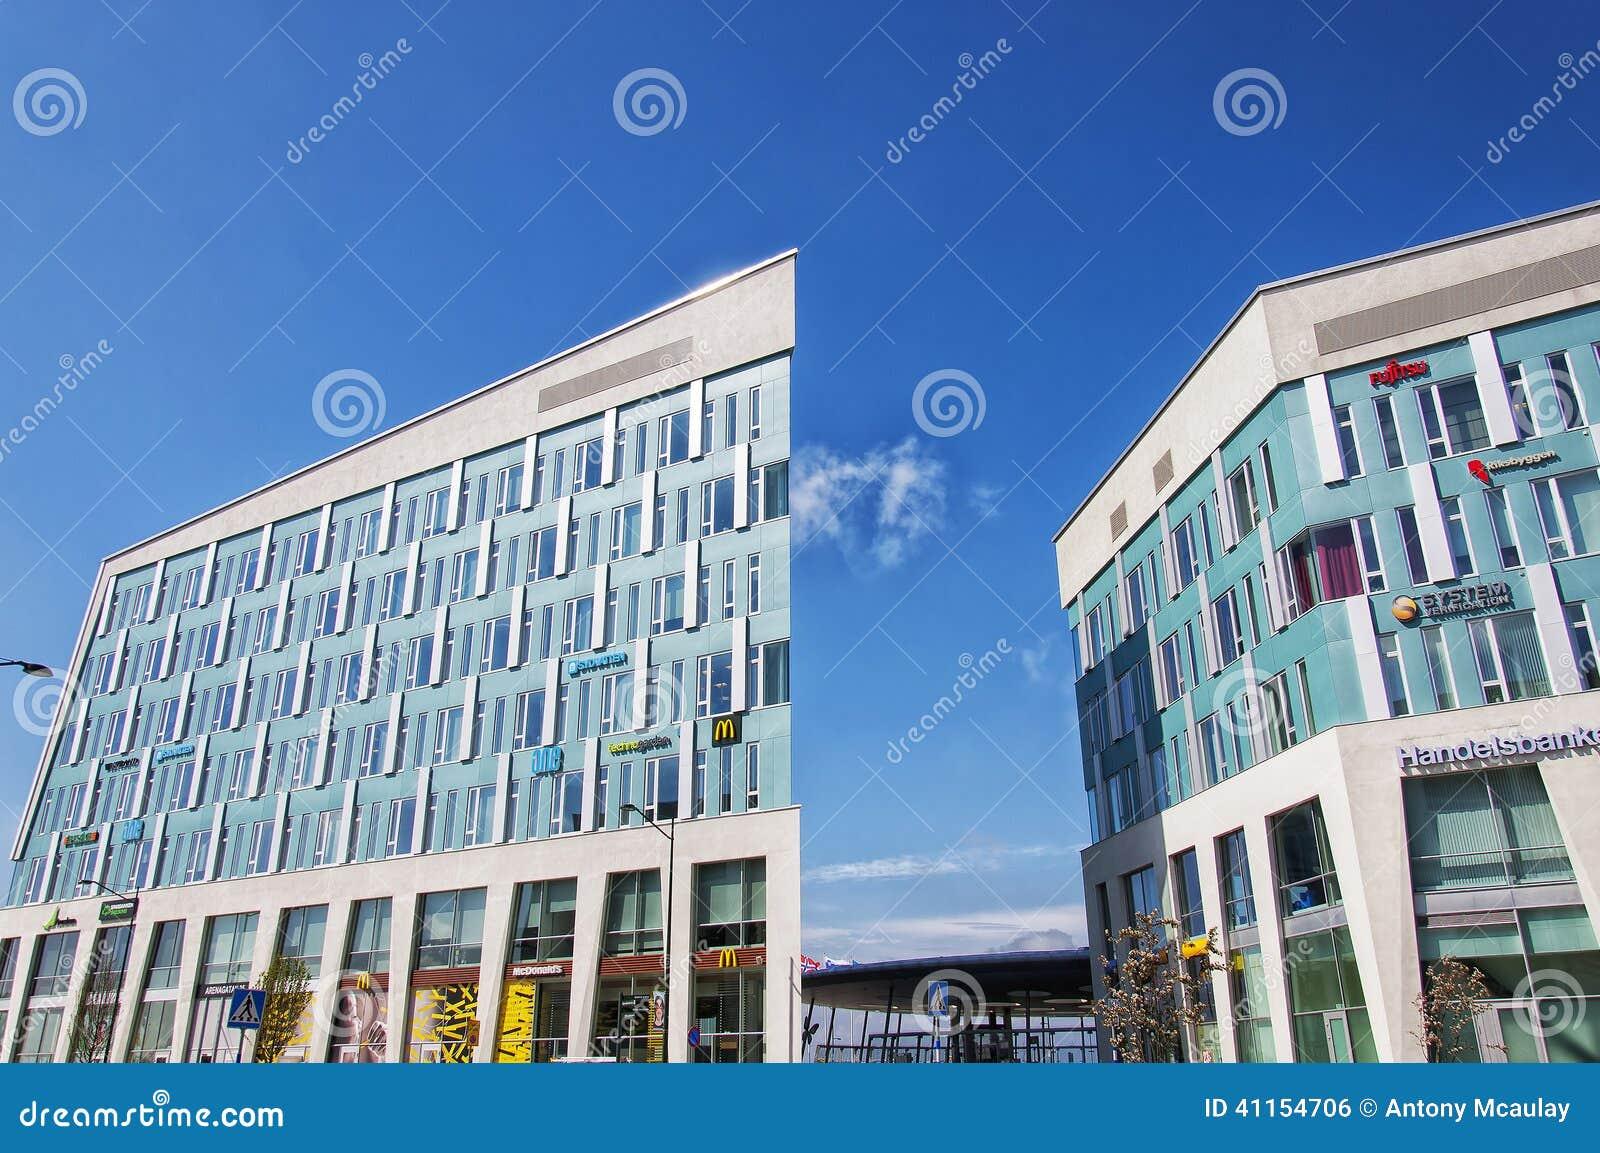 handelsbanken malmö city